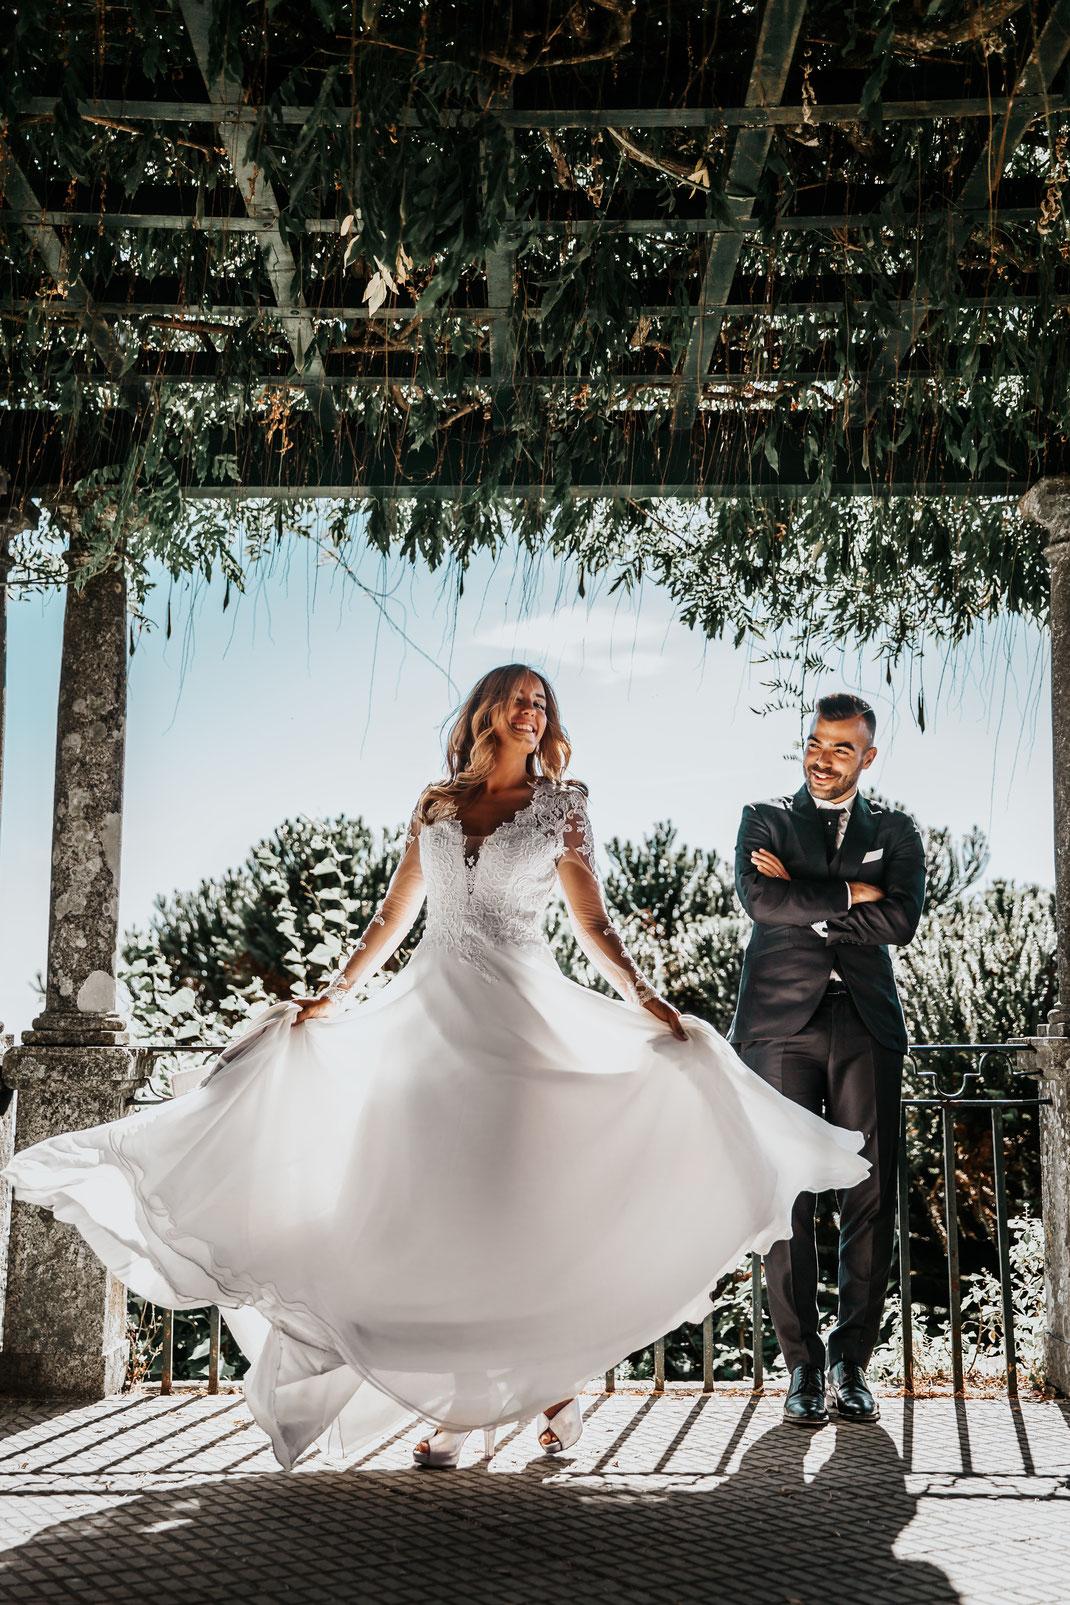 Fotograf gesucht oder suche Hochzeitsfotograf